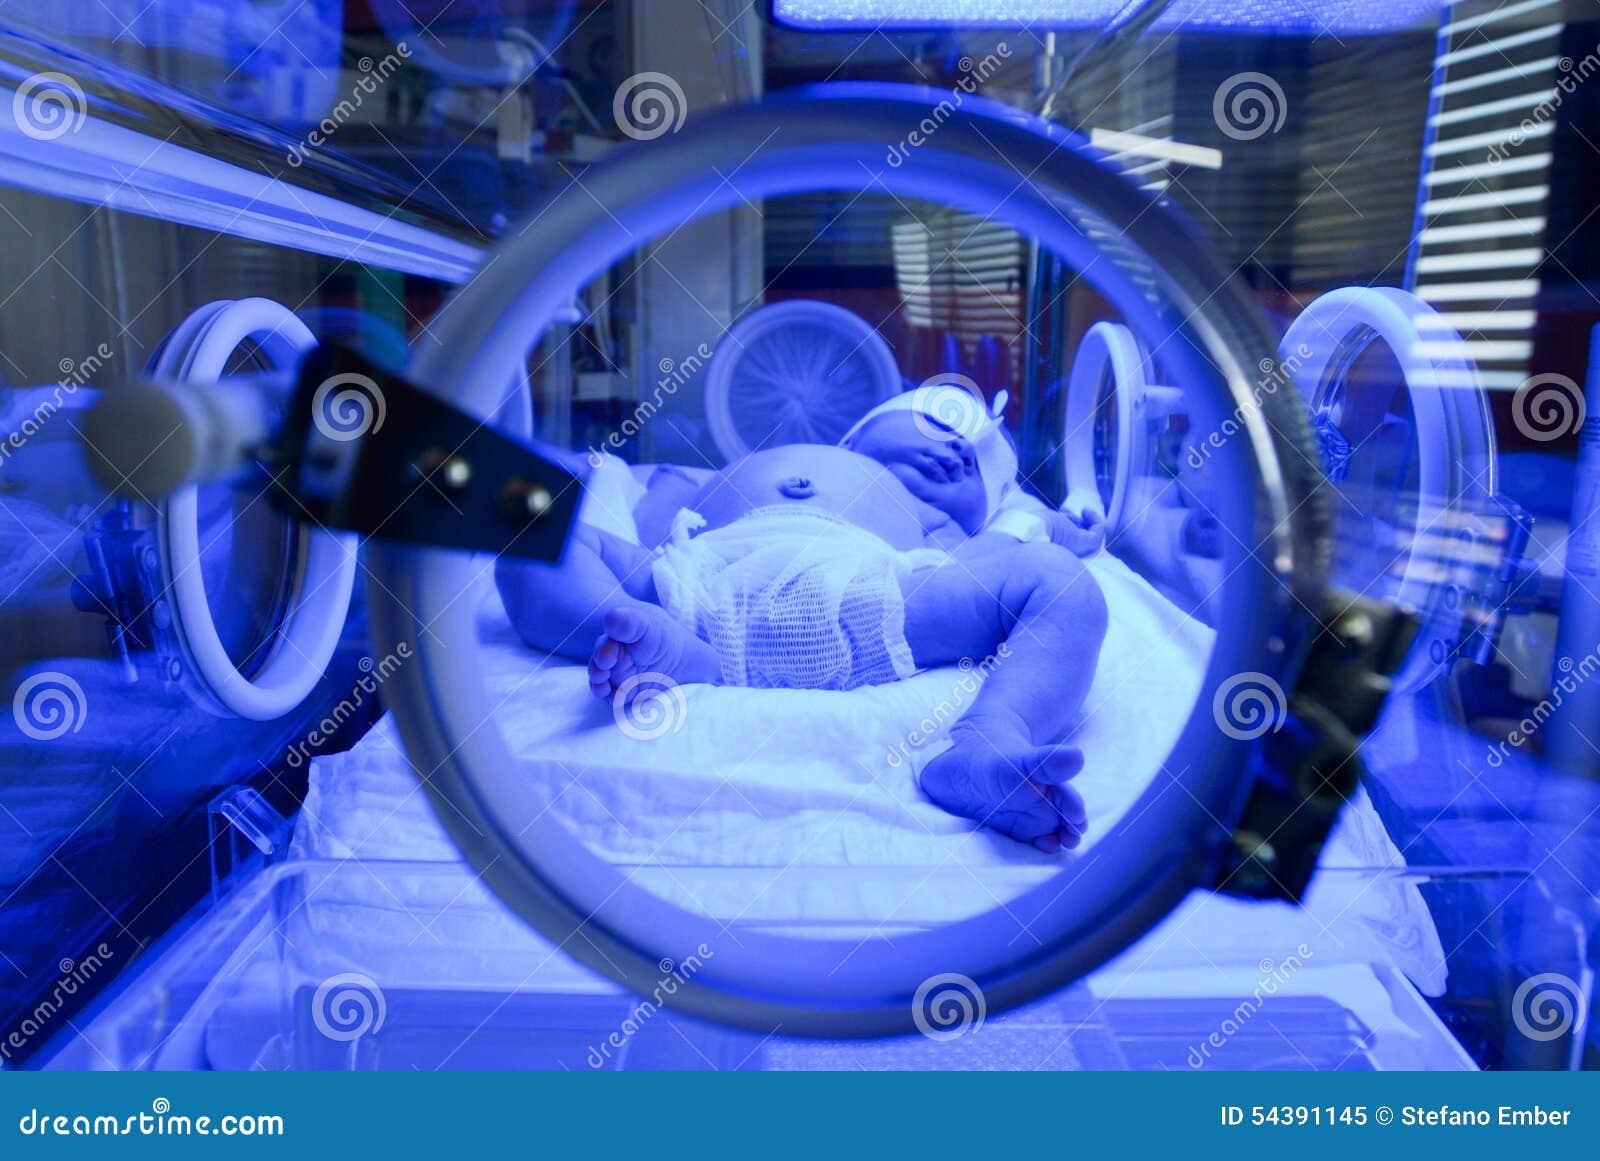 Recién nacido teniendo un tratamiento para la ictericia bajo luz ultravioleta